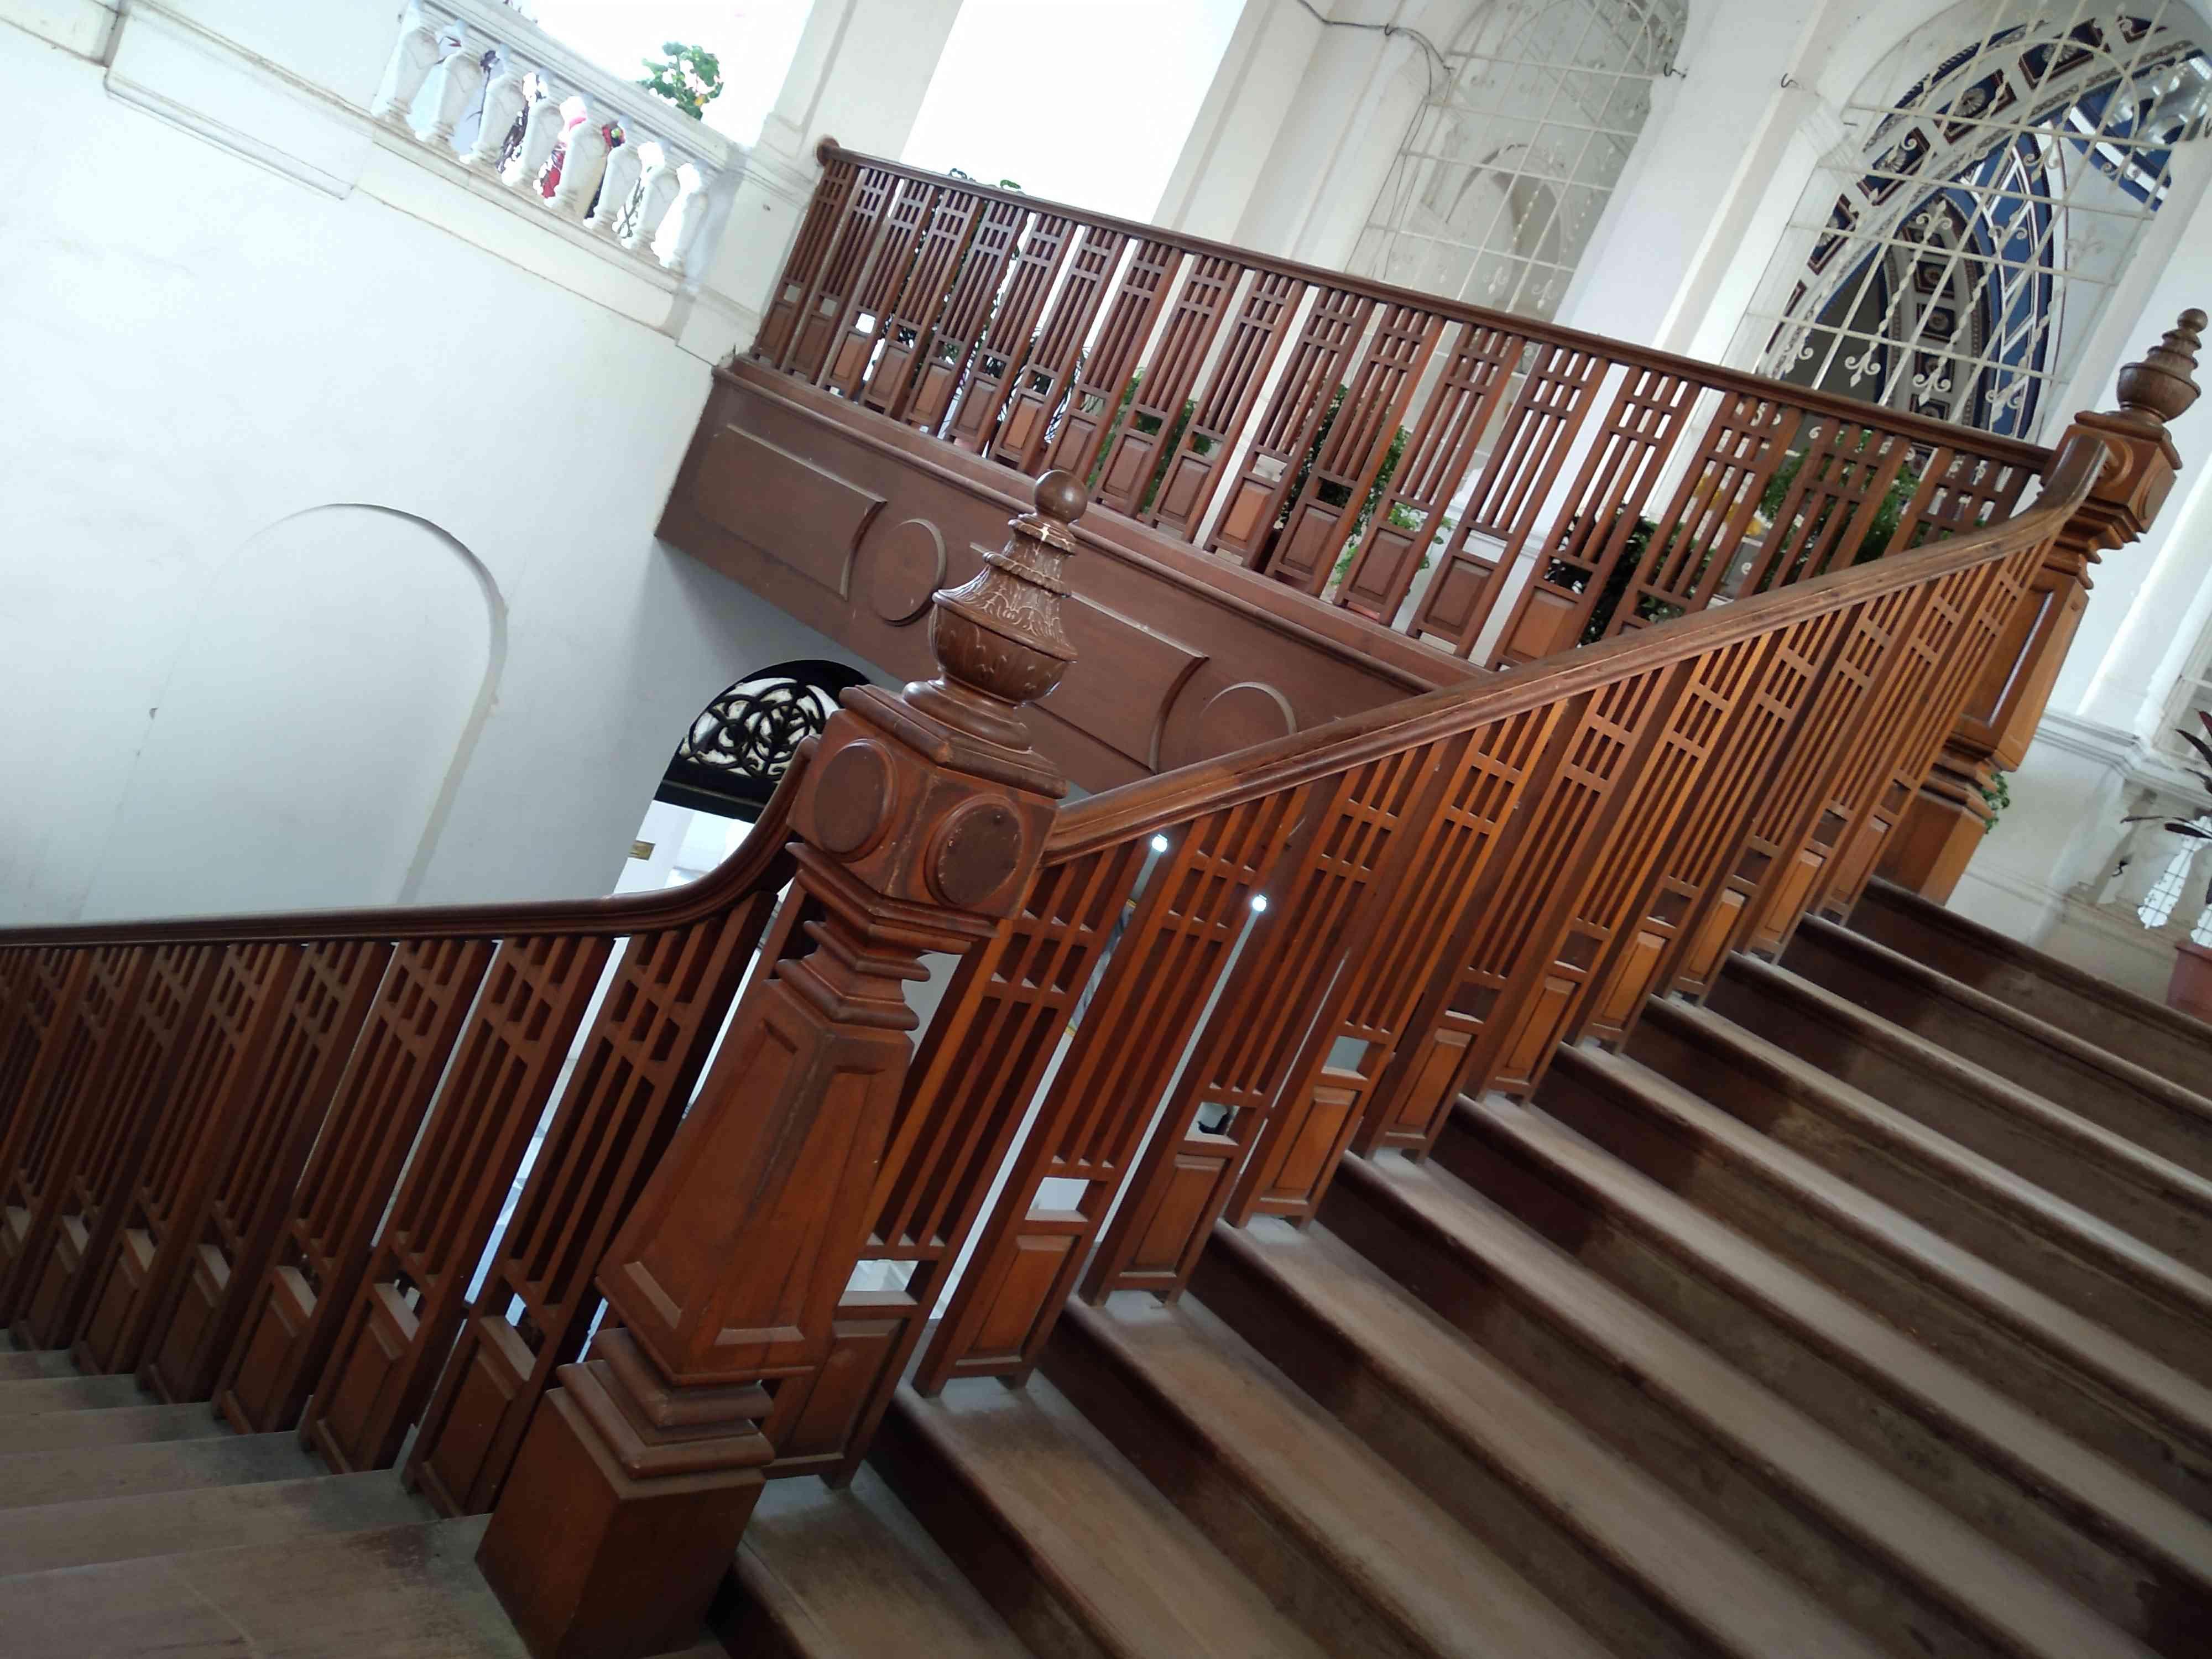 भूतल से पहली मंजिल पर जाने के लिए बनी लकड़ी की सीढ़ियां जो करीब 135 साल पुरानी हैं